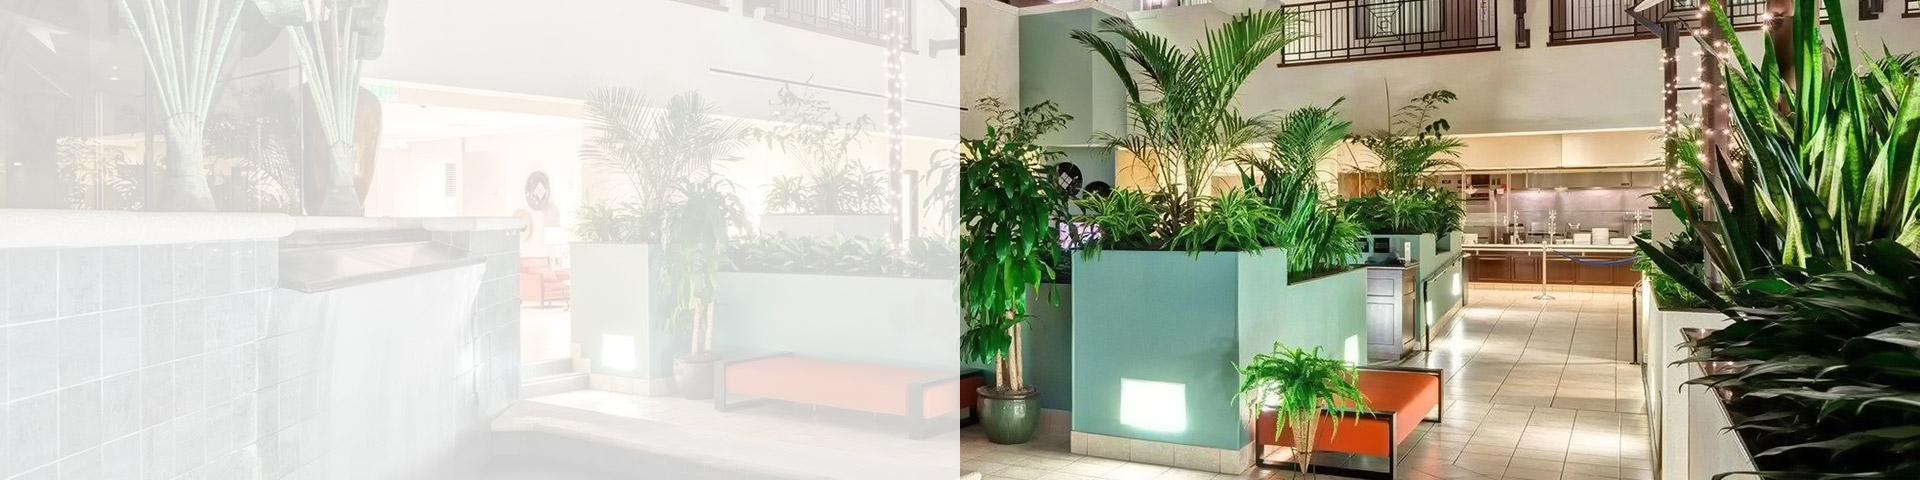 hotel-slide-image2